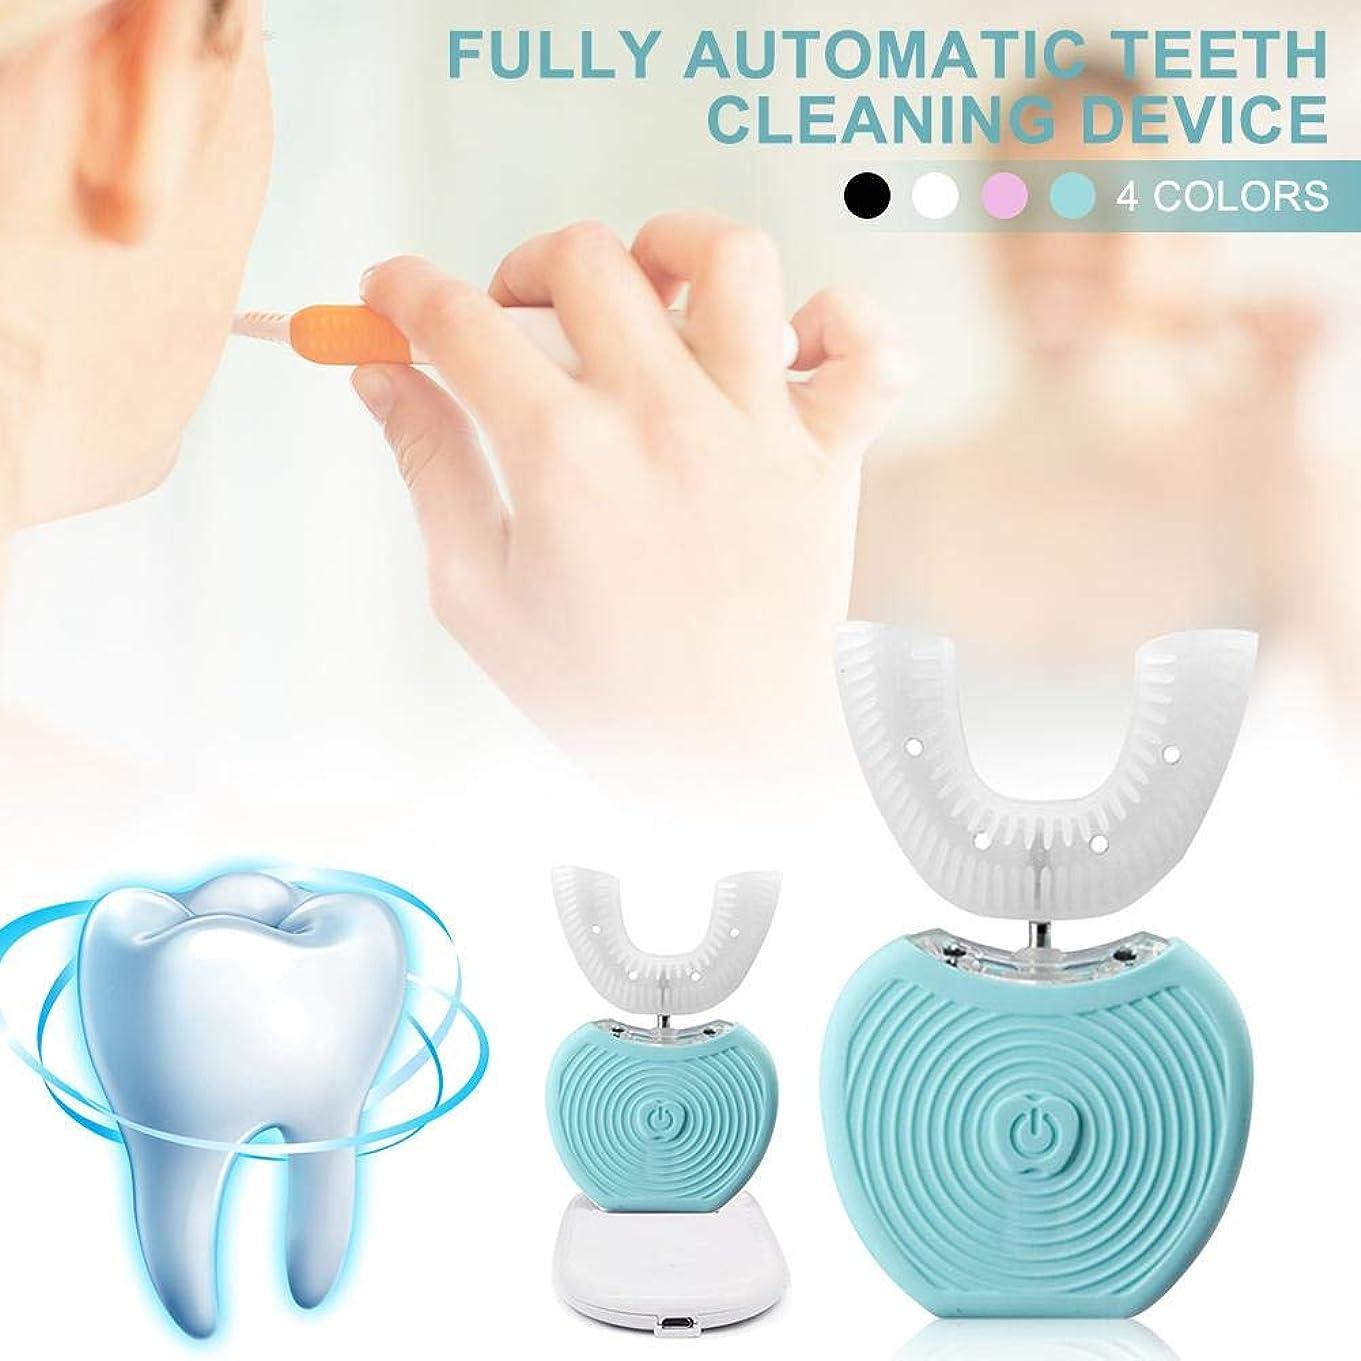 ゲーム不十分な仲間、同僚USBポータブル電動歯ブラシ IPX7防水 ブルーレイホワイトニングツール AI自動メモリー機能 360度オールラウンド歯ブラシ